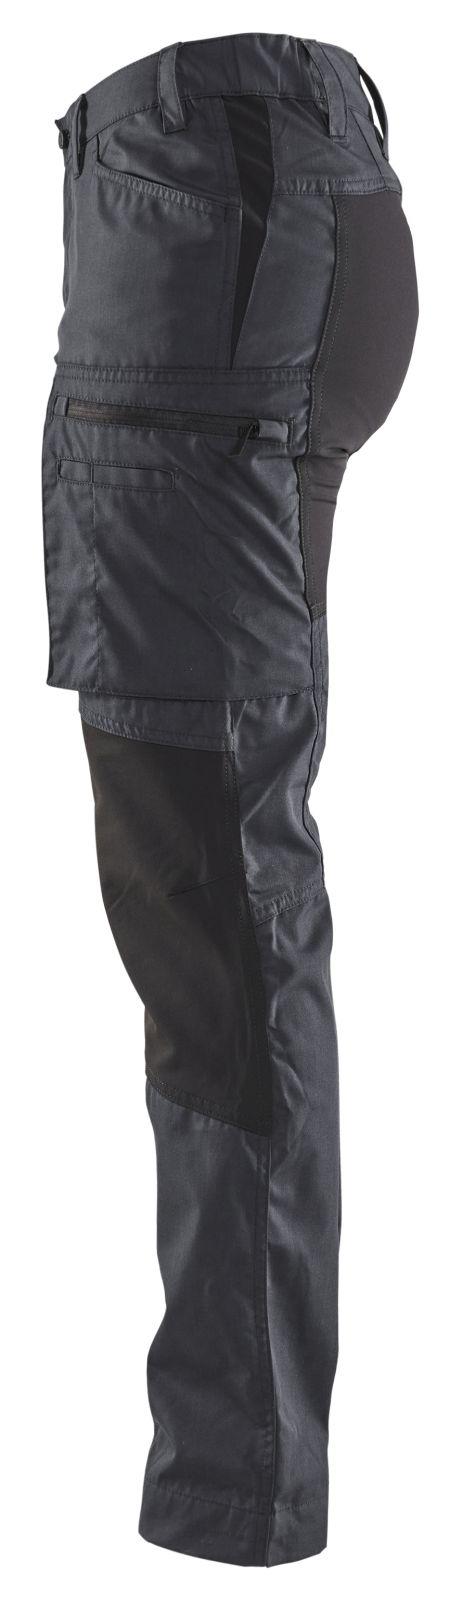 Blaklader Dames werkbroeken 71591845 donkergrijs-zwart(9899)